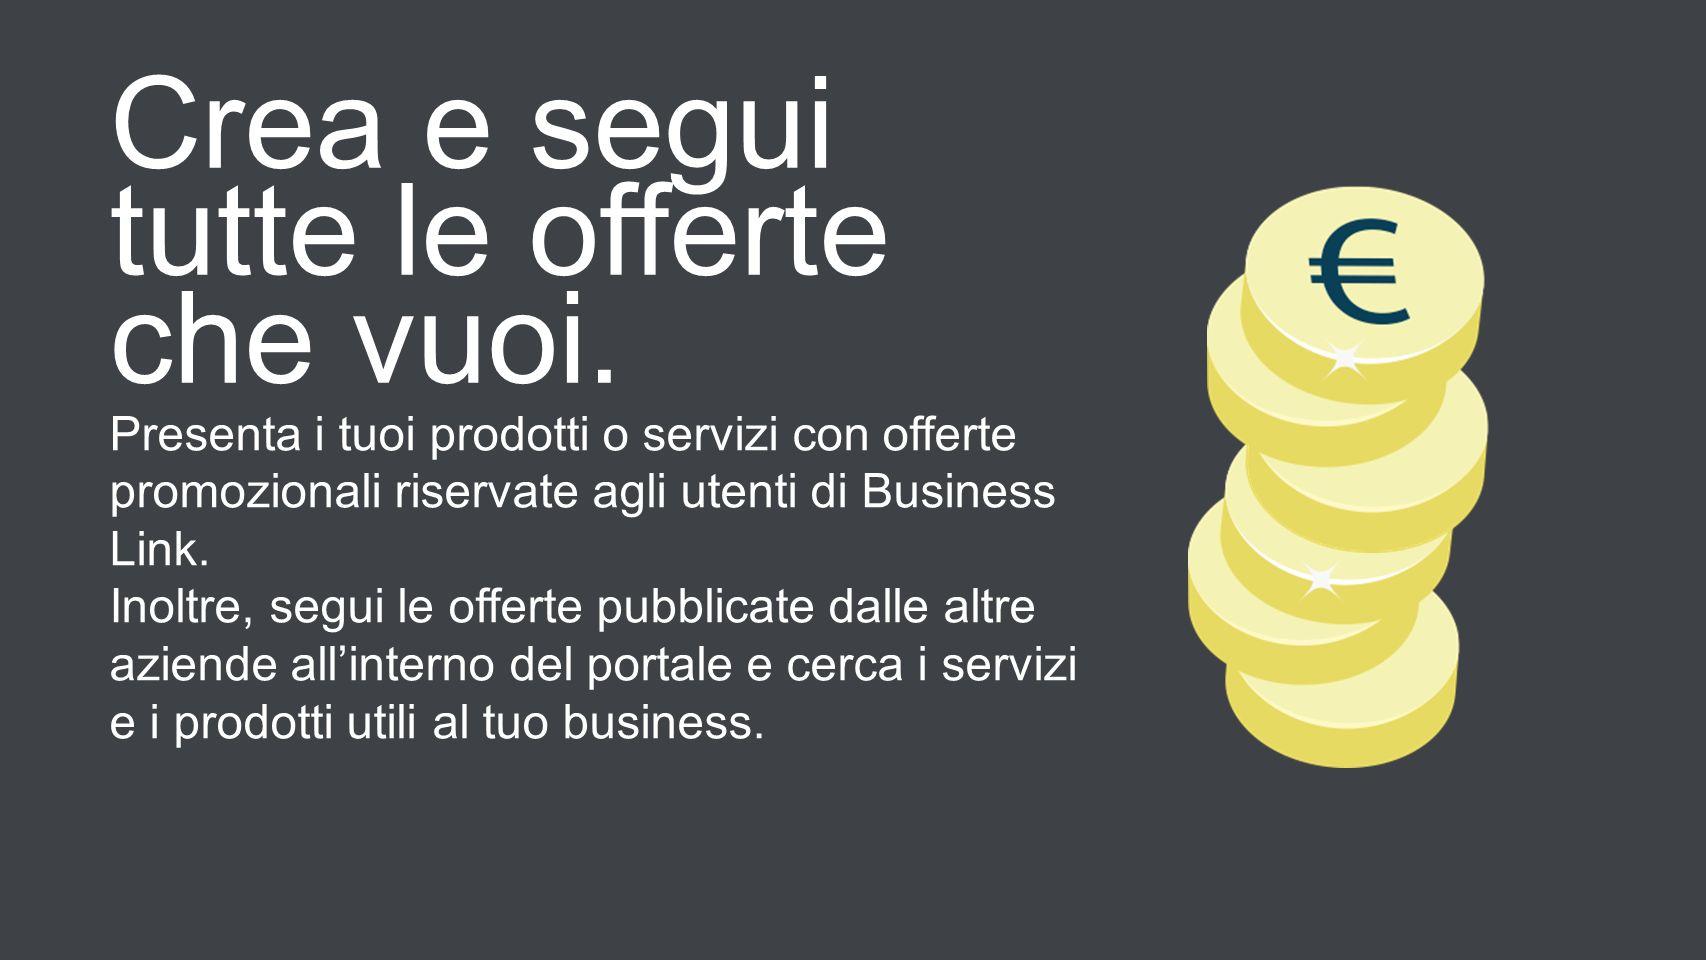 Crea e segui tutte le offerte che vuoi. Presenta i tuoi prodotti o servizi con offerte promozionali riservate agli utenti di Business Link. Inoltre, s